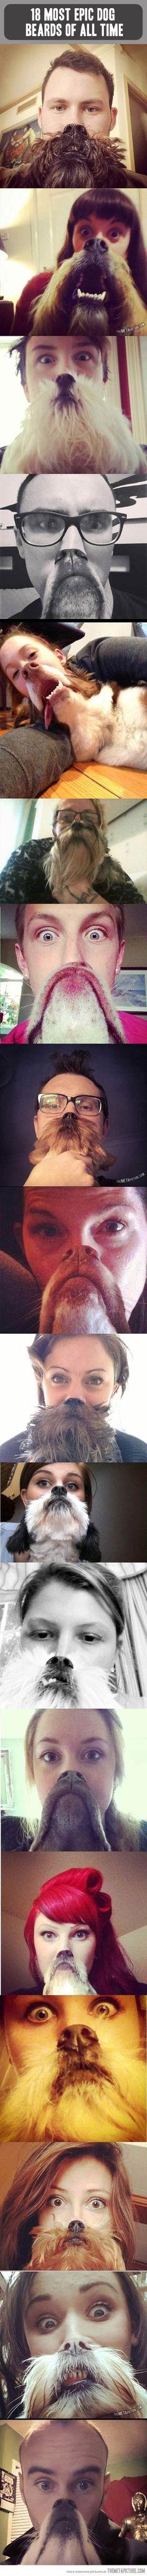 Puppy beards